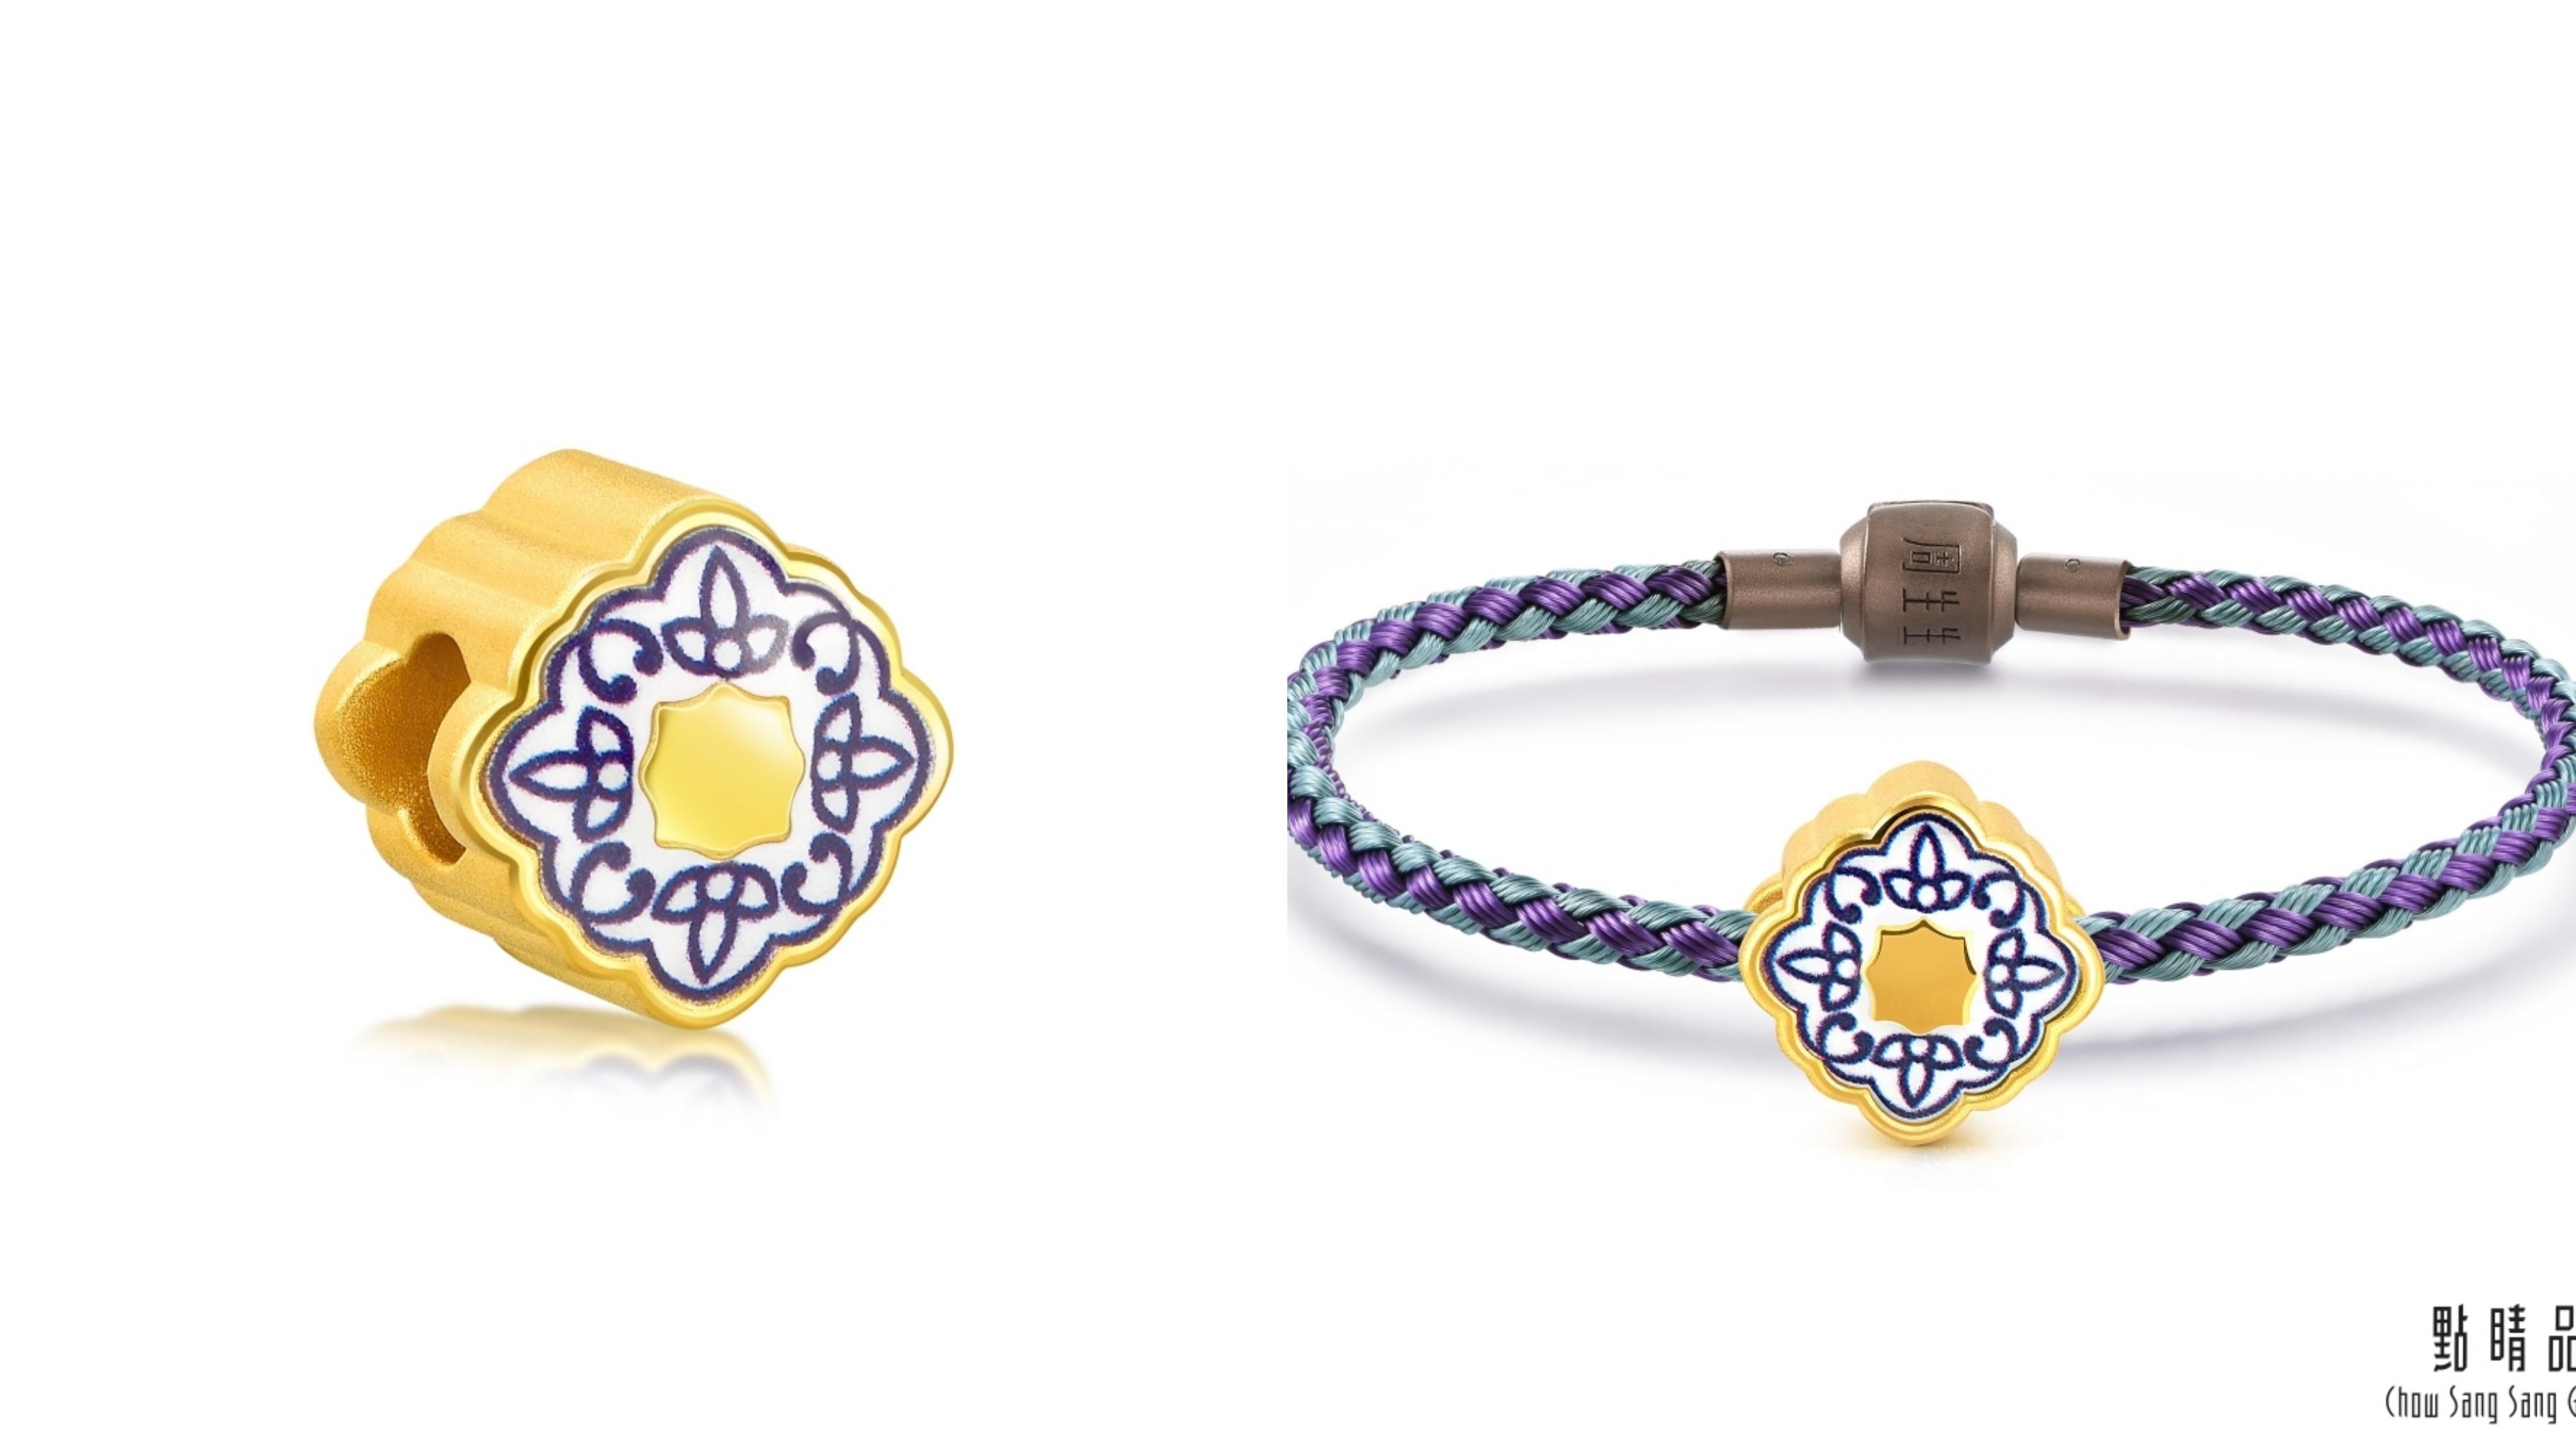 將青花瓷的典雅美感作為設計元素,打造出傳統與時尚兼具風情